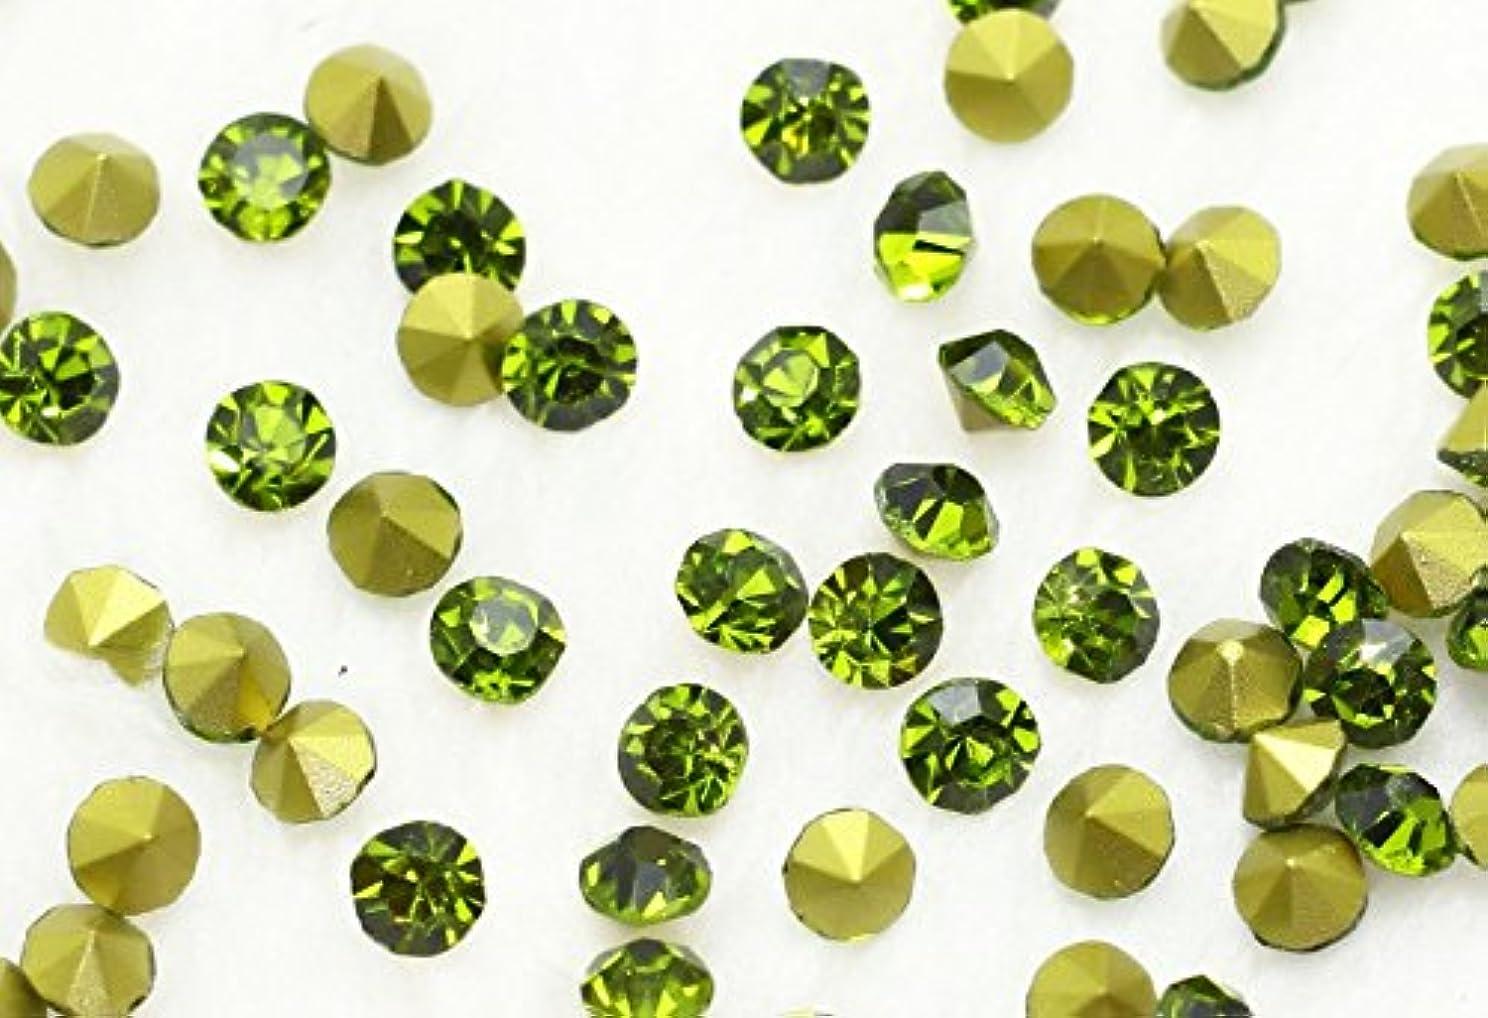 足特徴づける着飾るガラス製 Vカットストーン(埋込型) olivine/オリーブ 各サイズ選択可能 (2.0mm (SS6) 約1440粒) [並行輸入品]